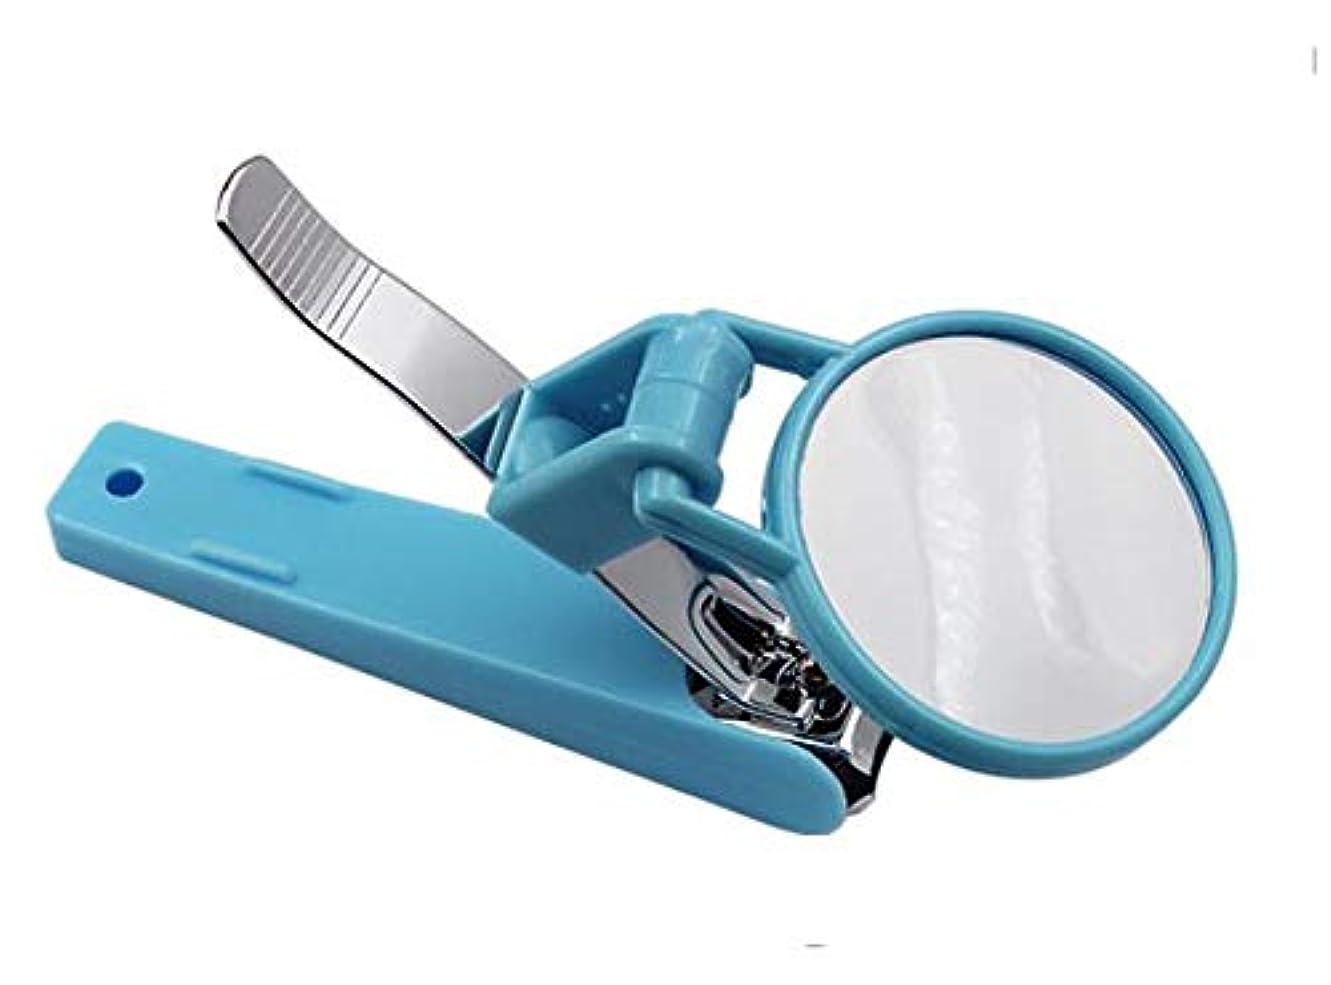 アフリカ人仕出しますカニHJ 爪切り ルーペ付き爪切り ネイルケア 拡大鏡付き つめきり ルーペ付きツメキリ ルーペ付きネイルケア 高齢者向け 虫眼鏡 ステンレス鋼 コンパクト 携帯便利 360度回転する